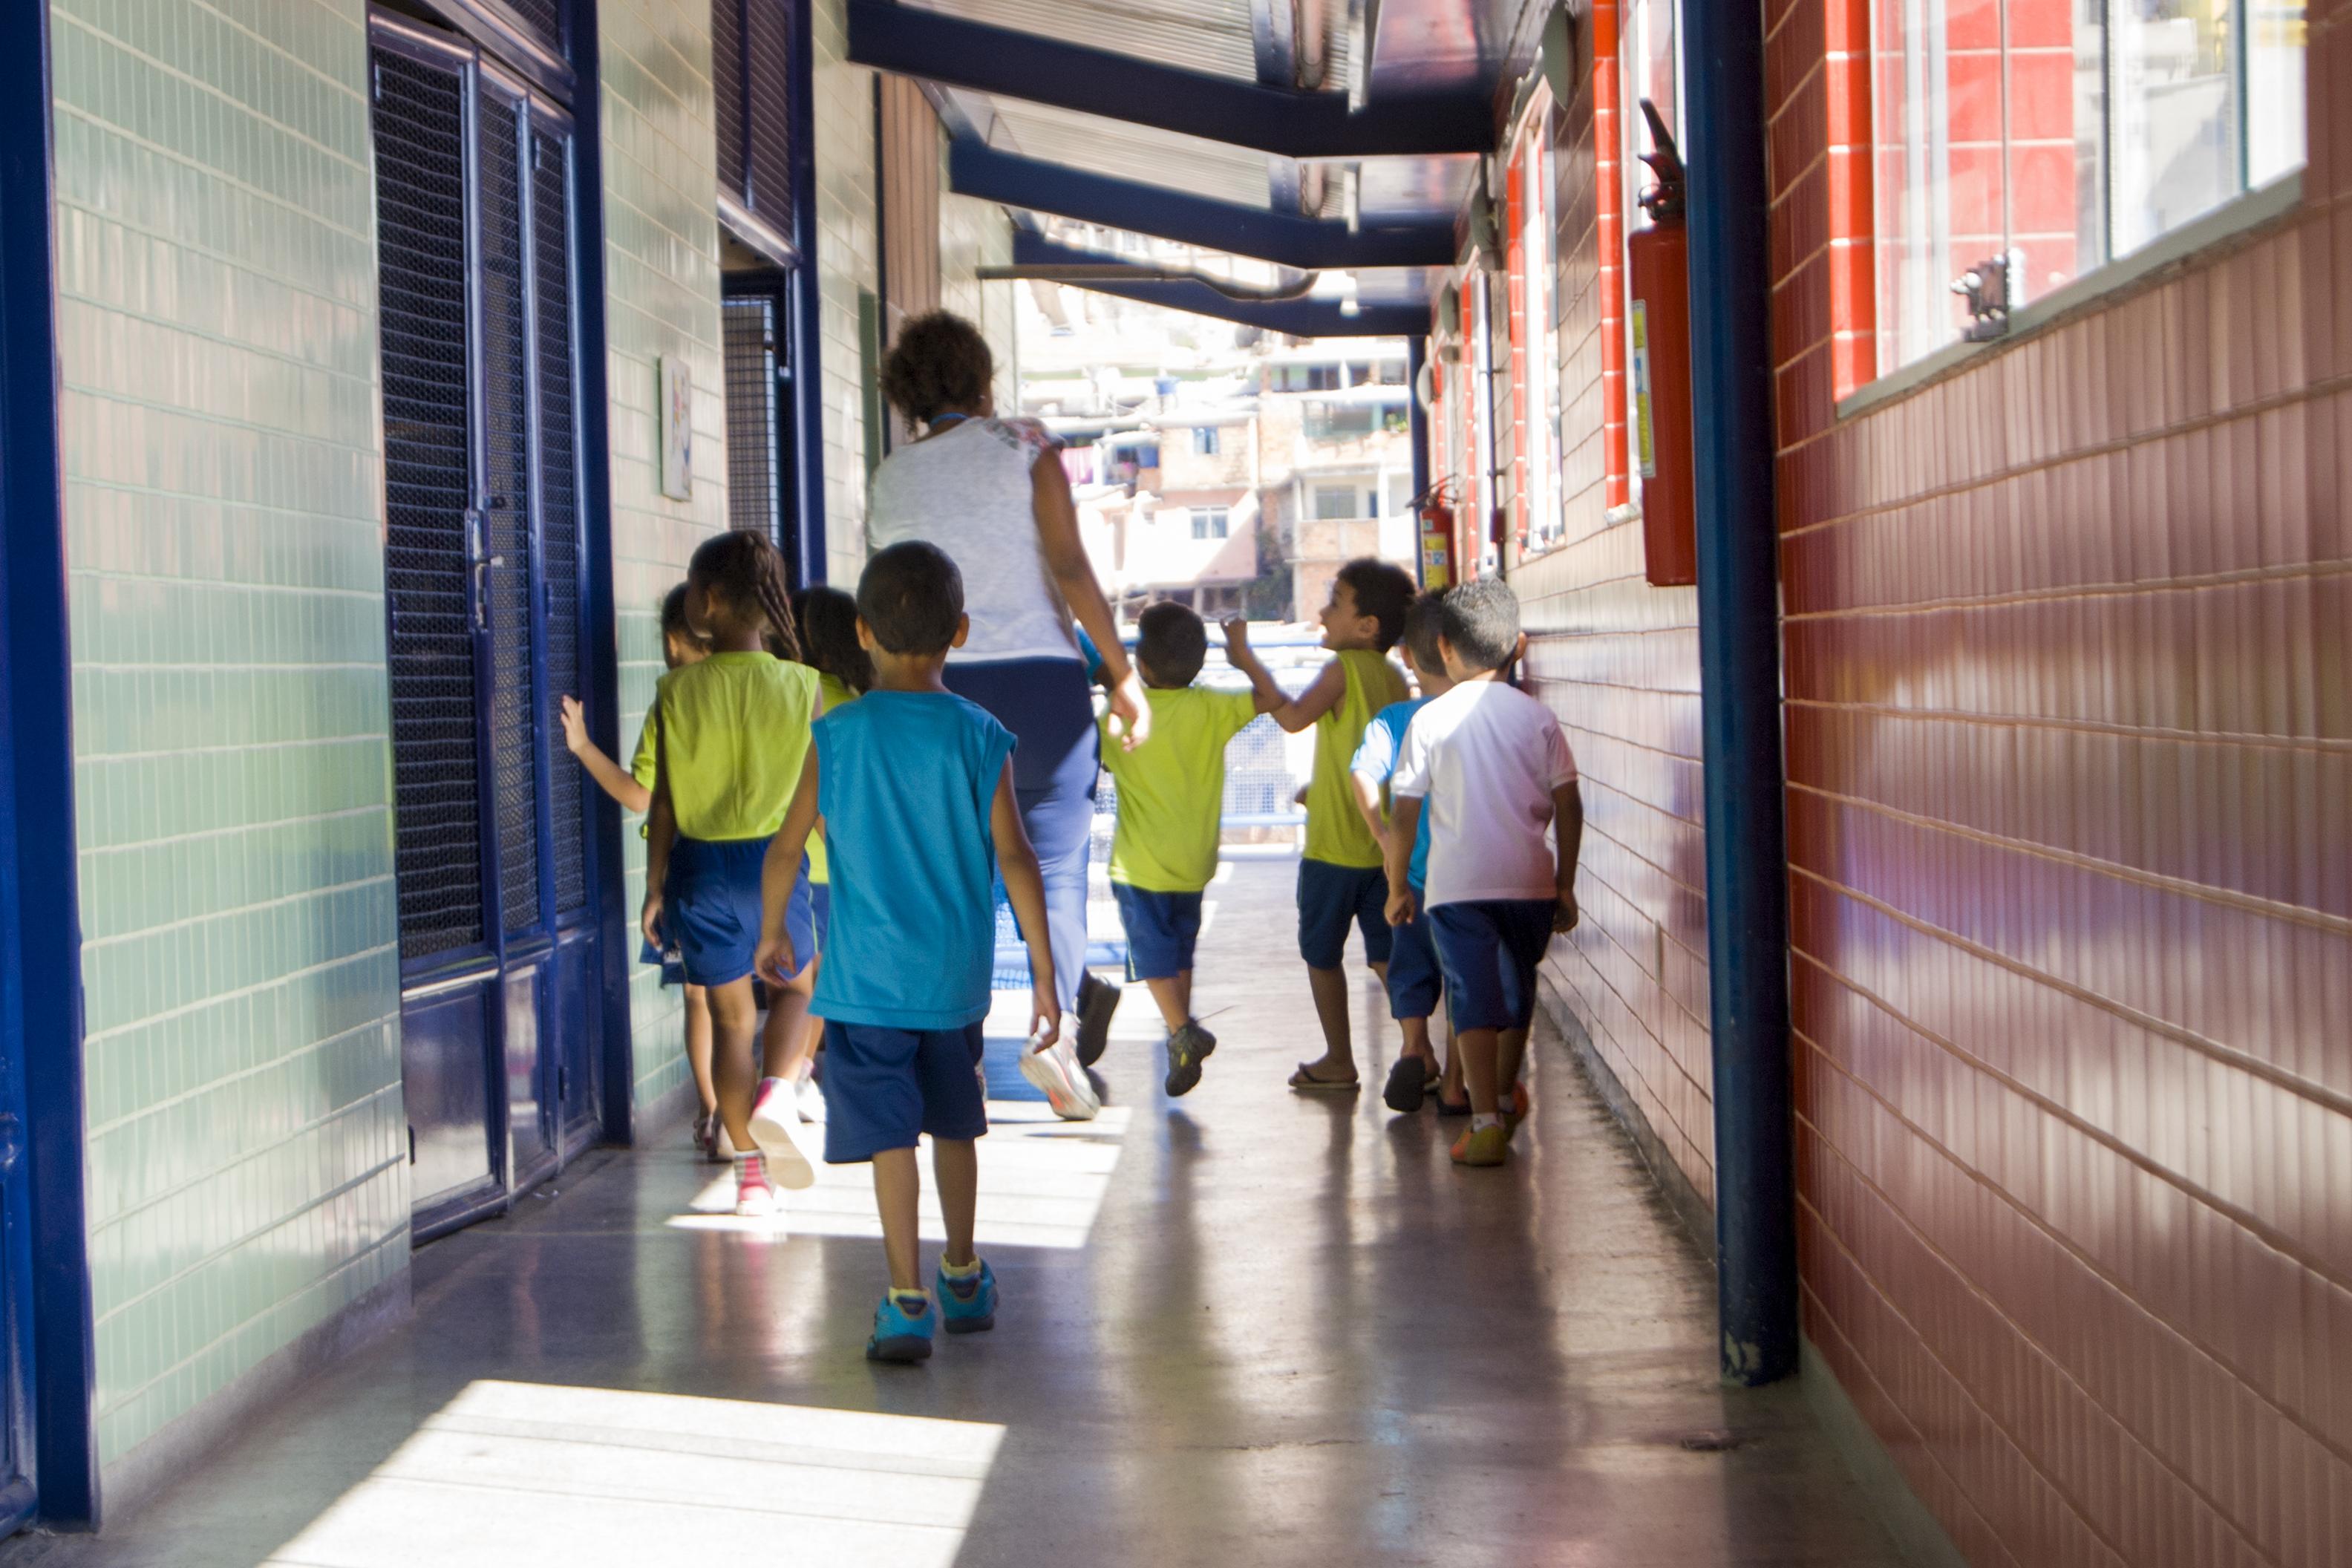 Representatividade E Acessibilidade No Ambiente Escolar